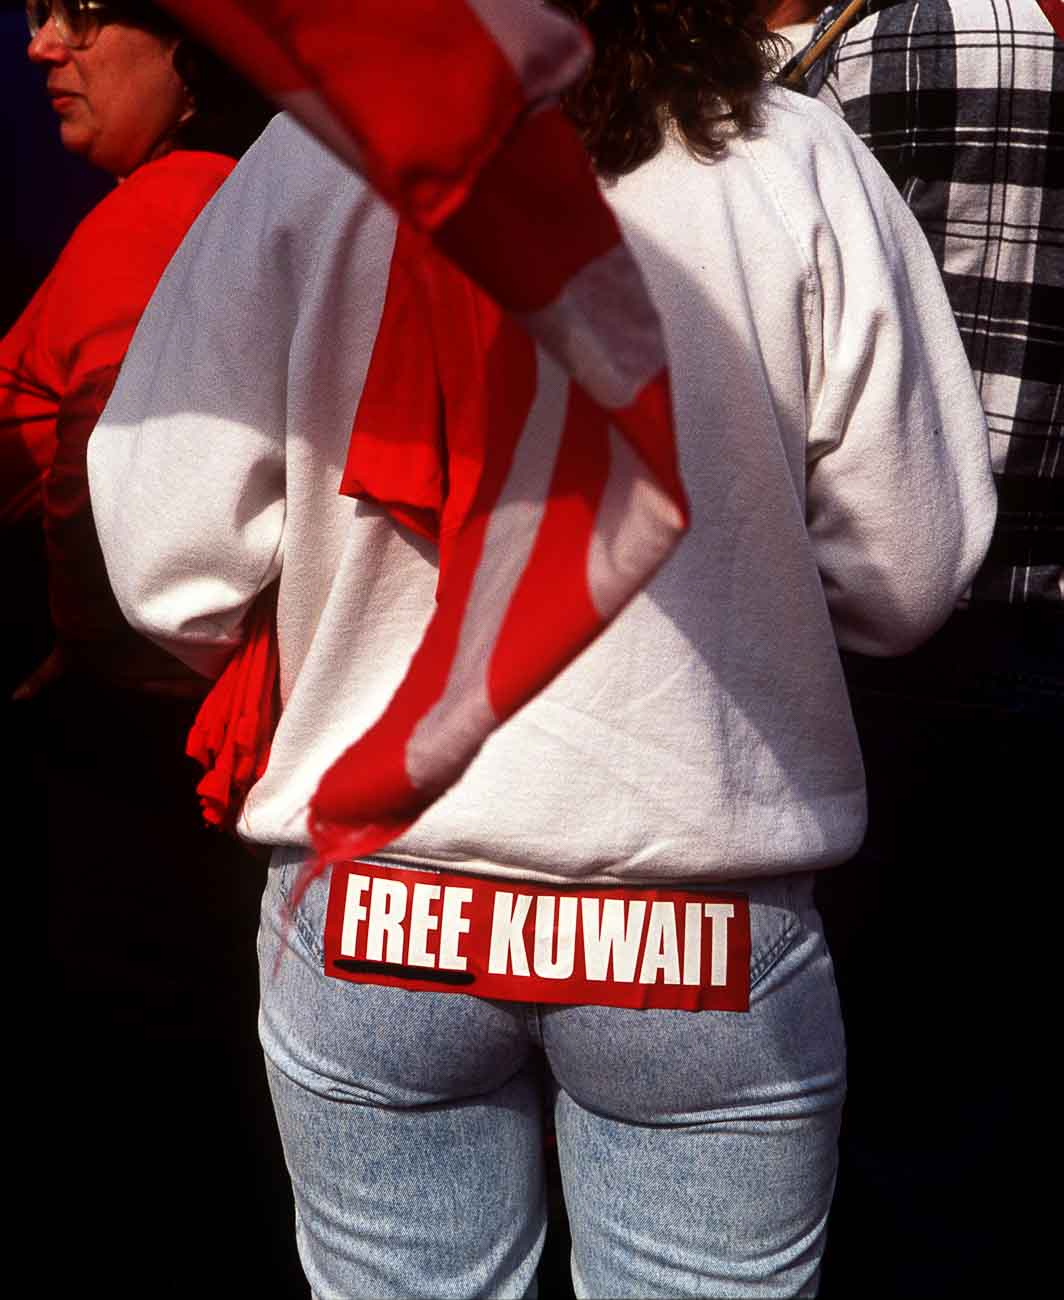 Pro-war Gulf War protest at the Marina.